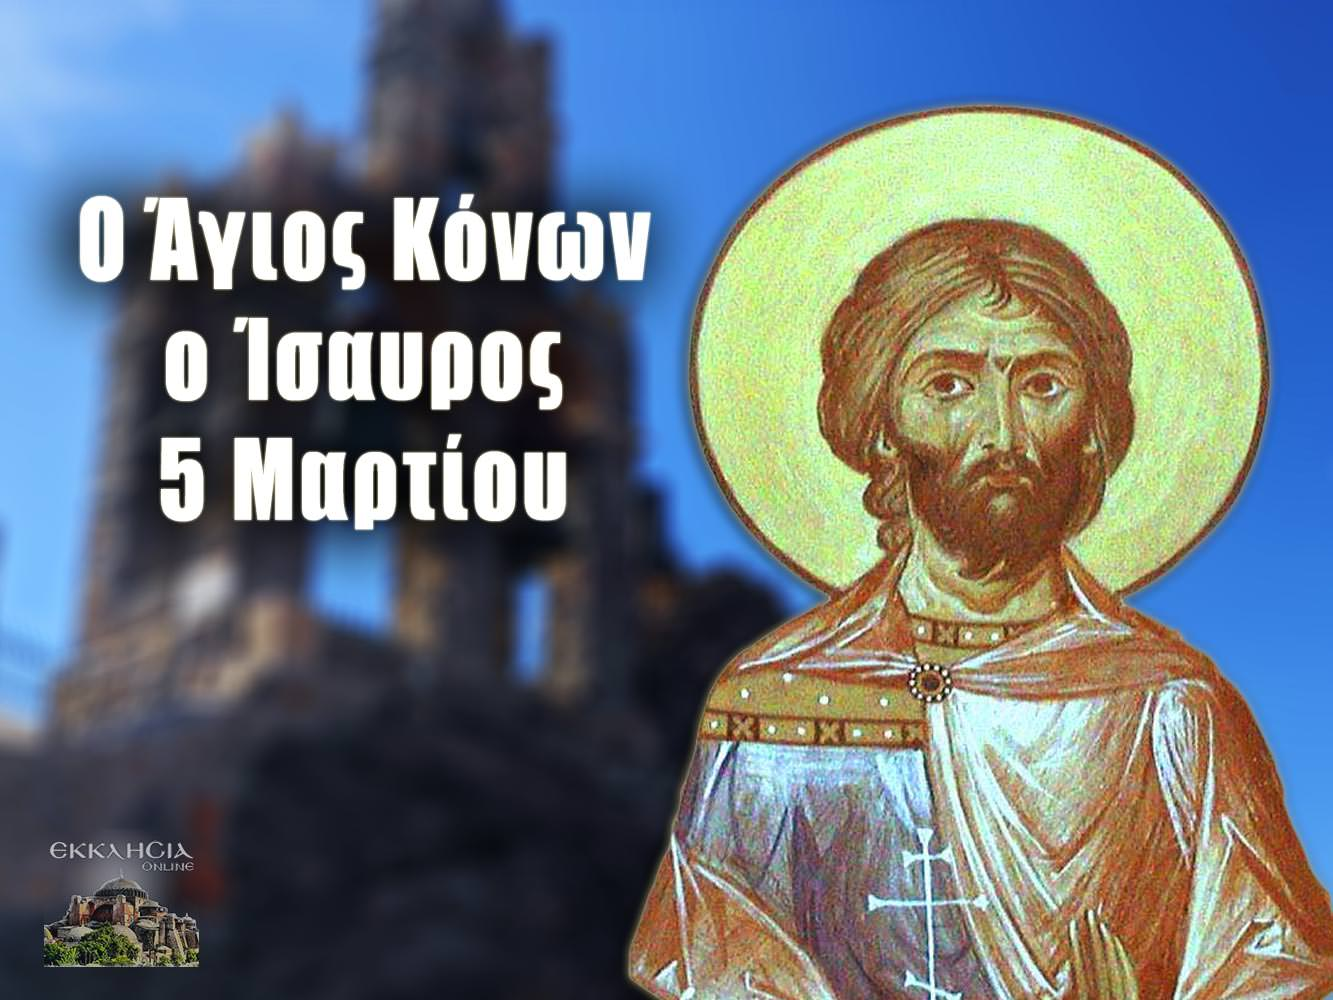 Άγιος Κόνων Ίσαυρος 5 Μαρτίου